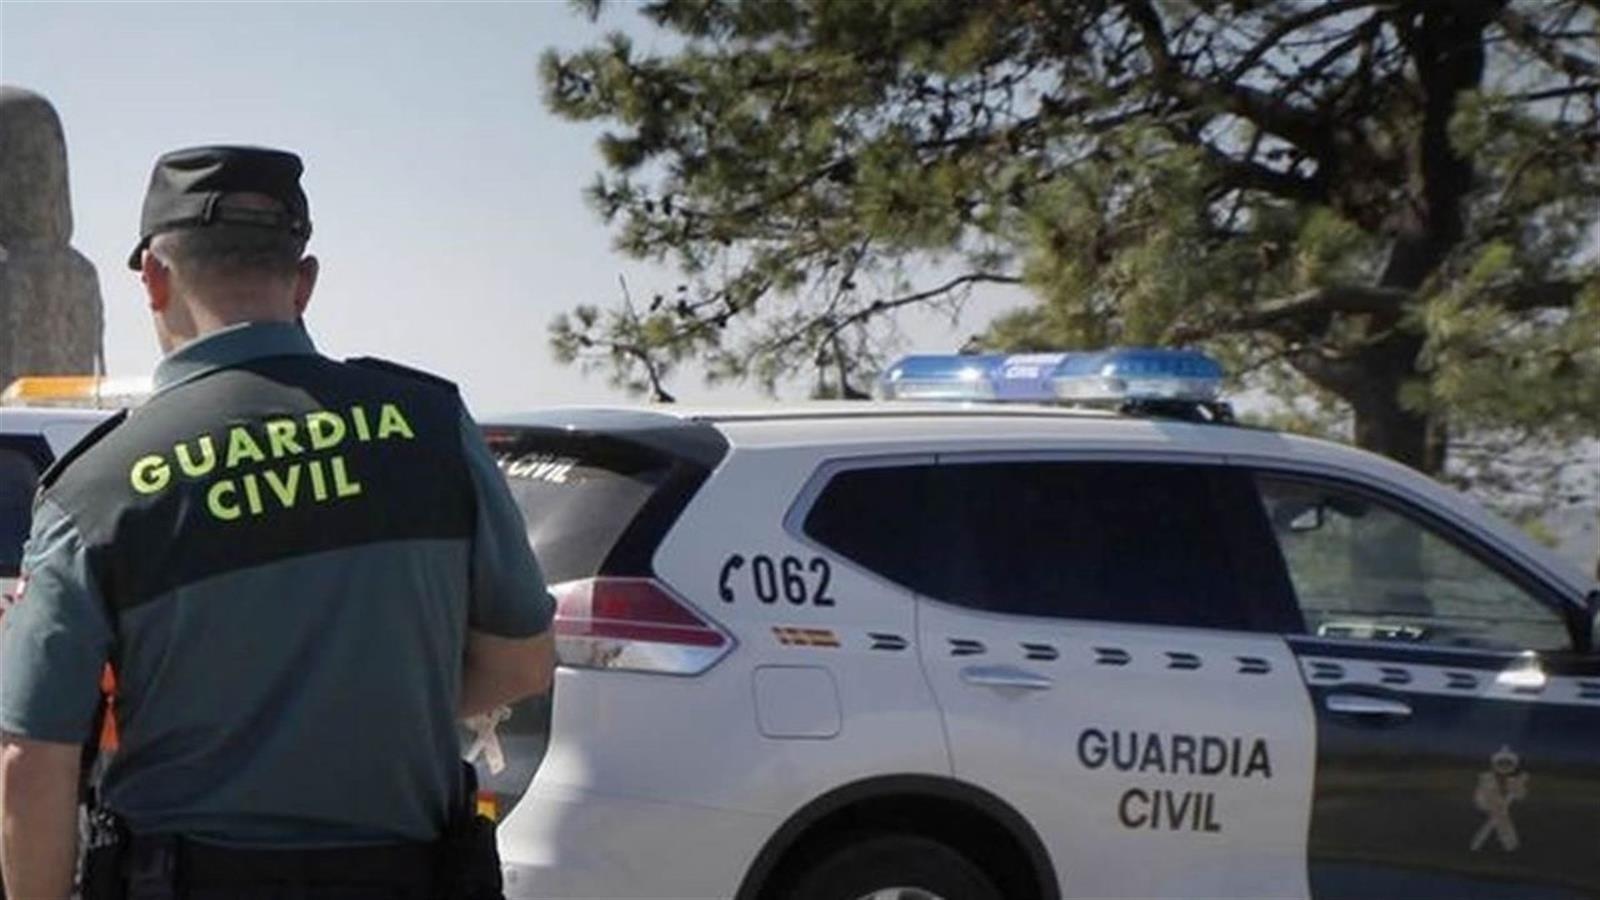 Detenidos tres jóvenes por hurto en una furgoneta con productos farmacéuticos